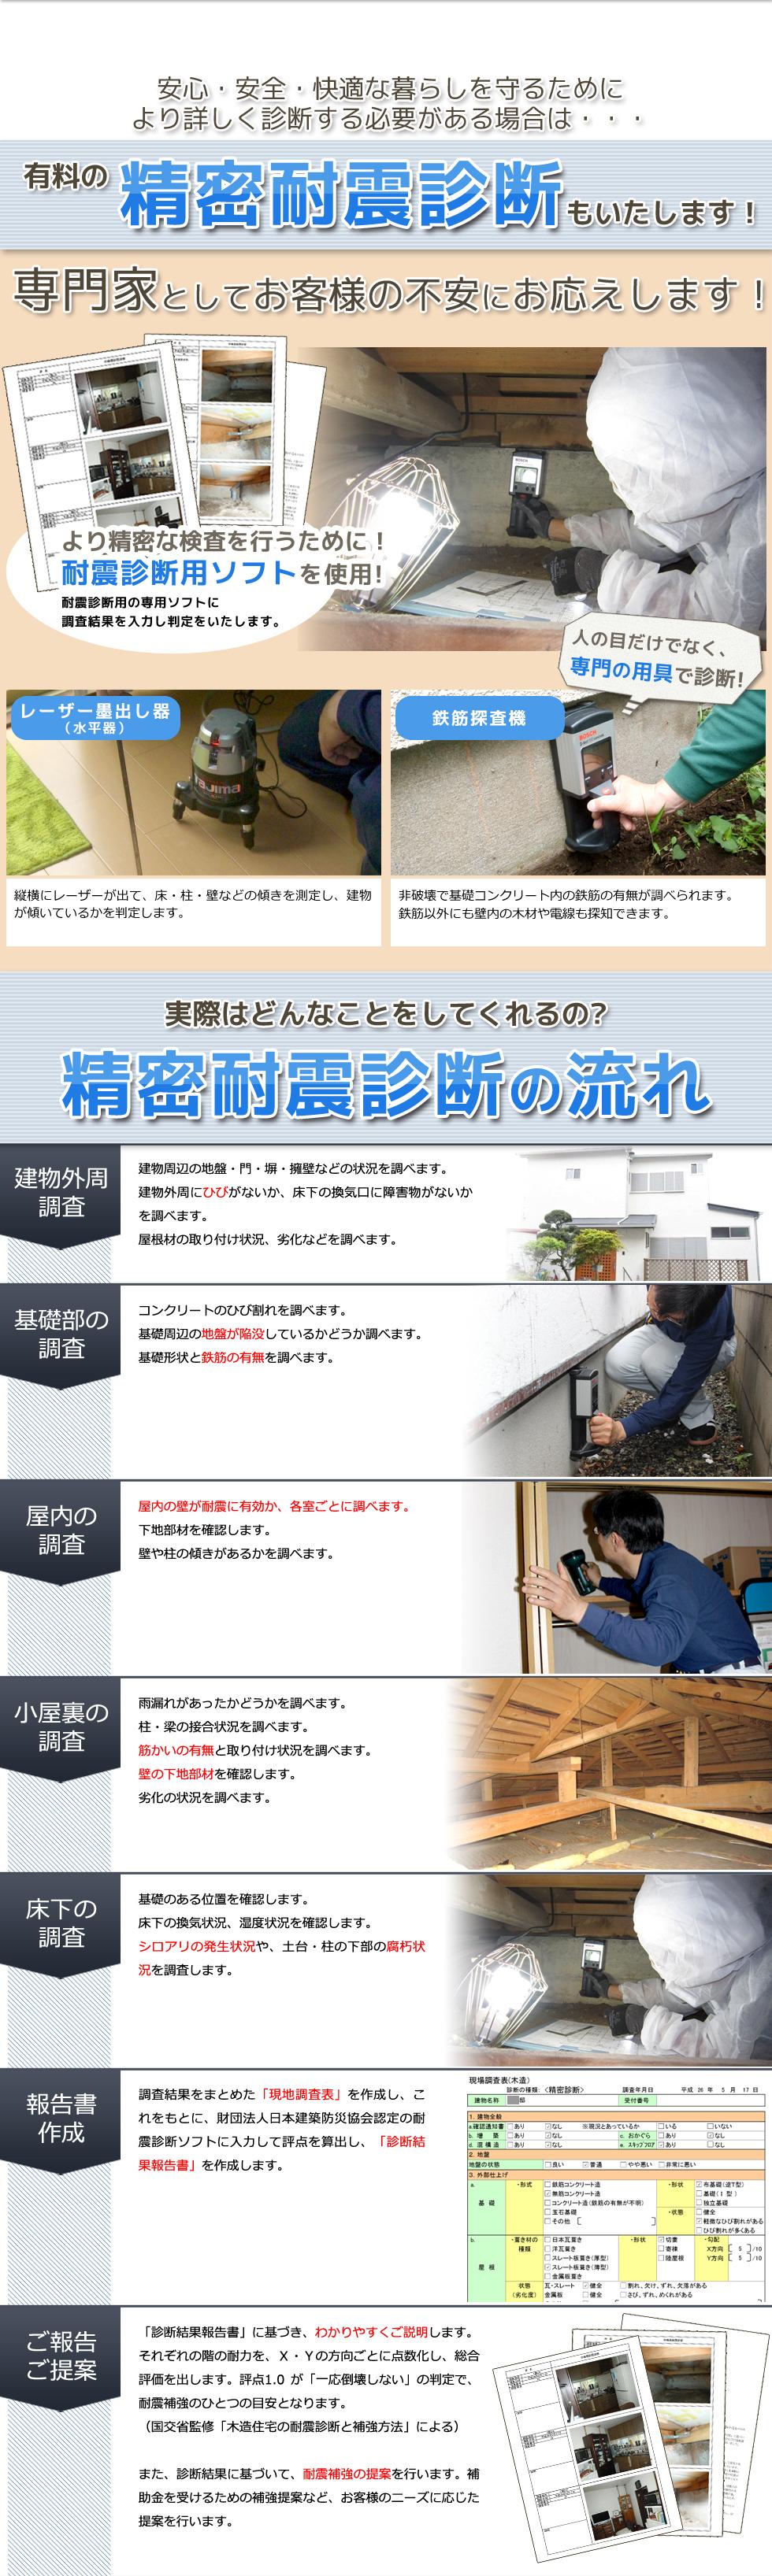 練馬区 耐震診断